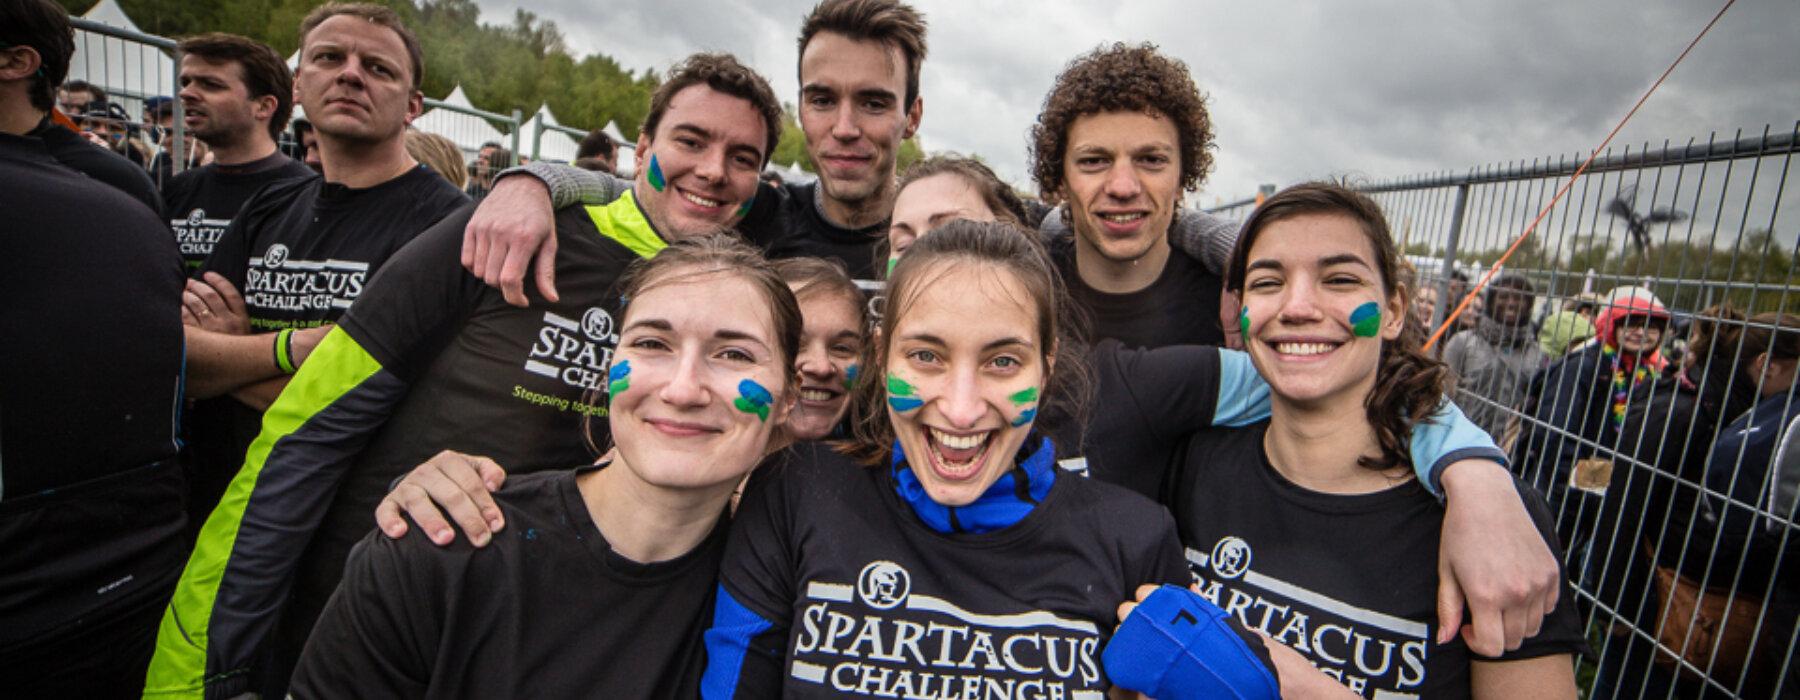 Deloitte Spartacus 7